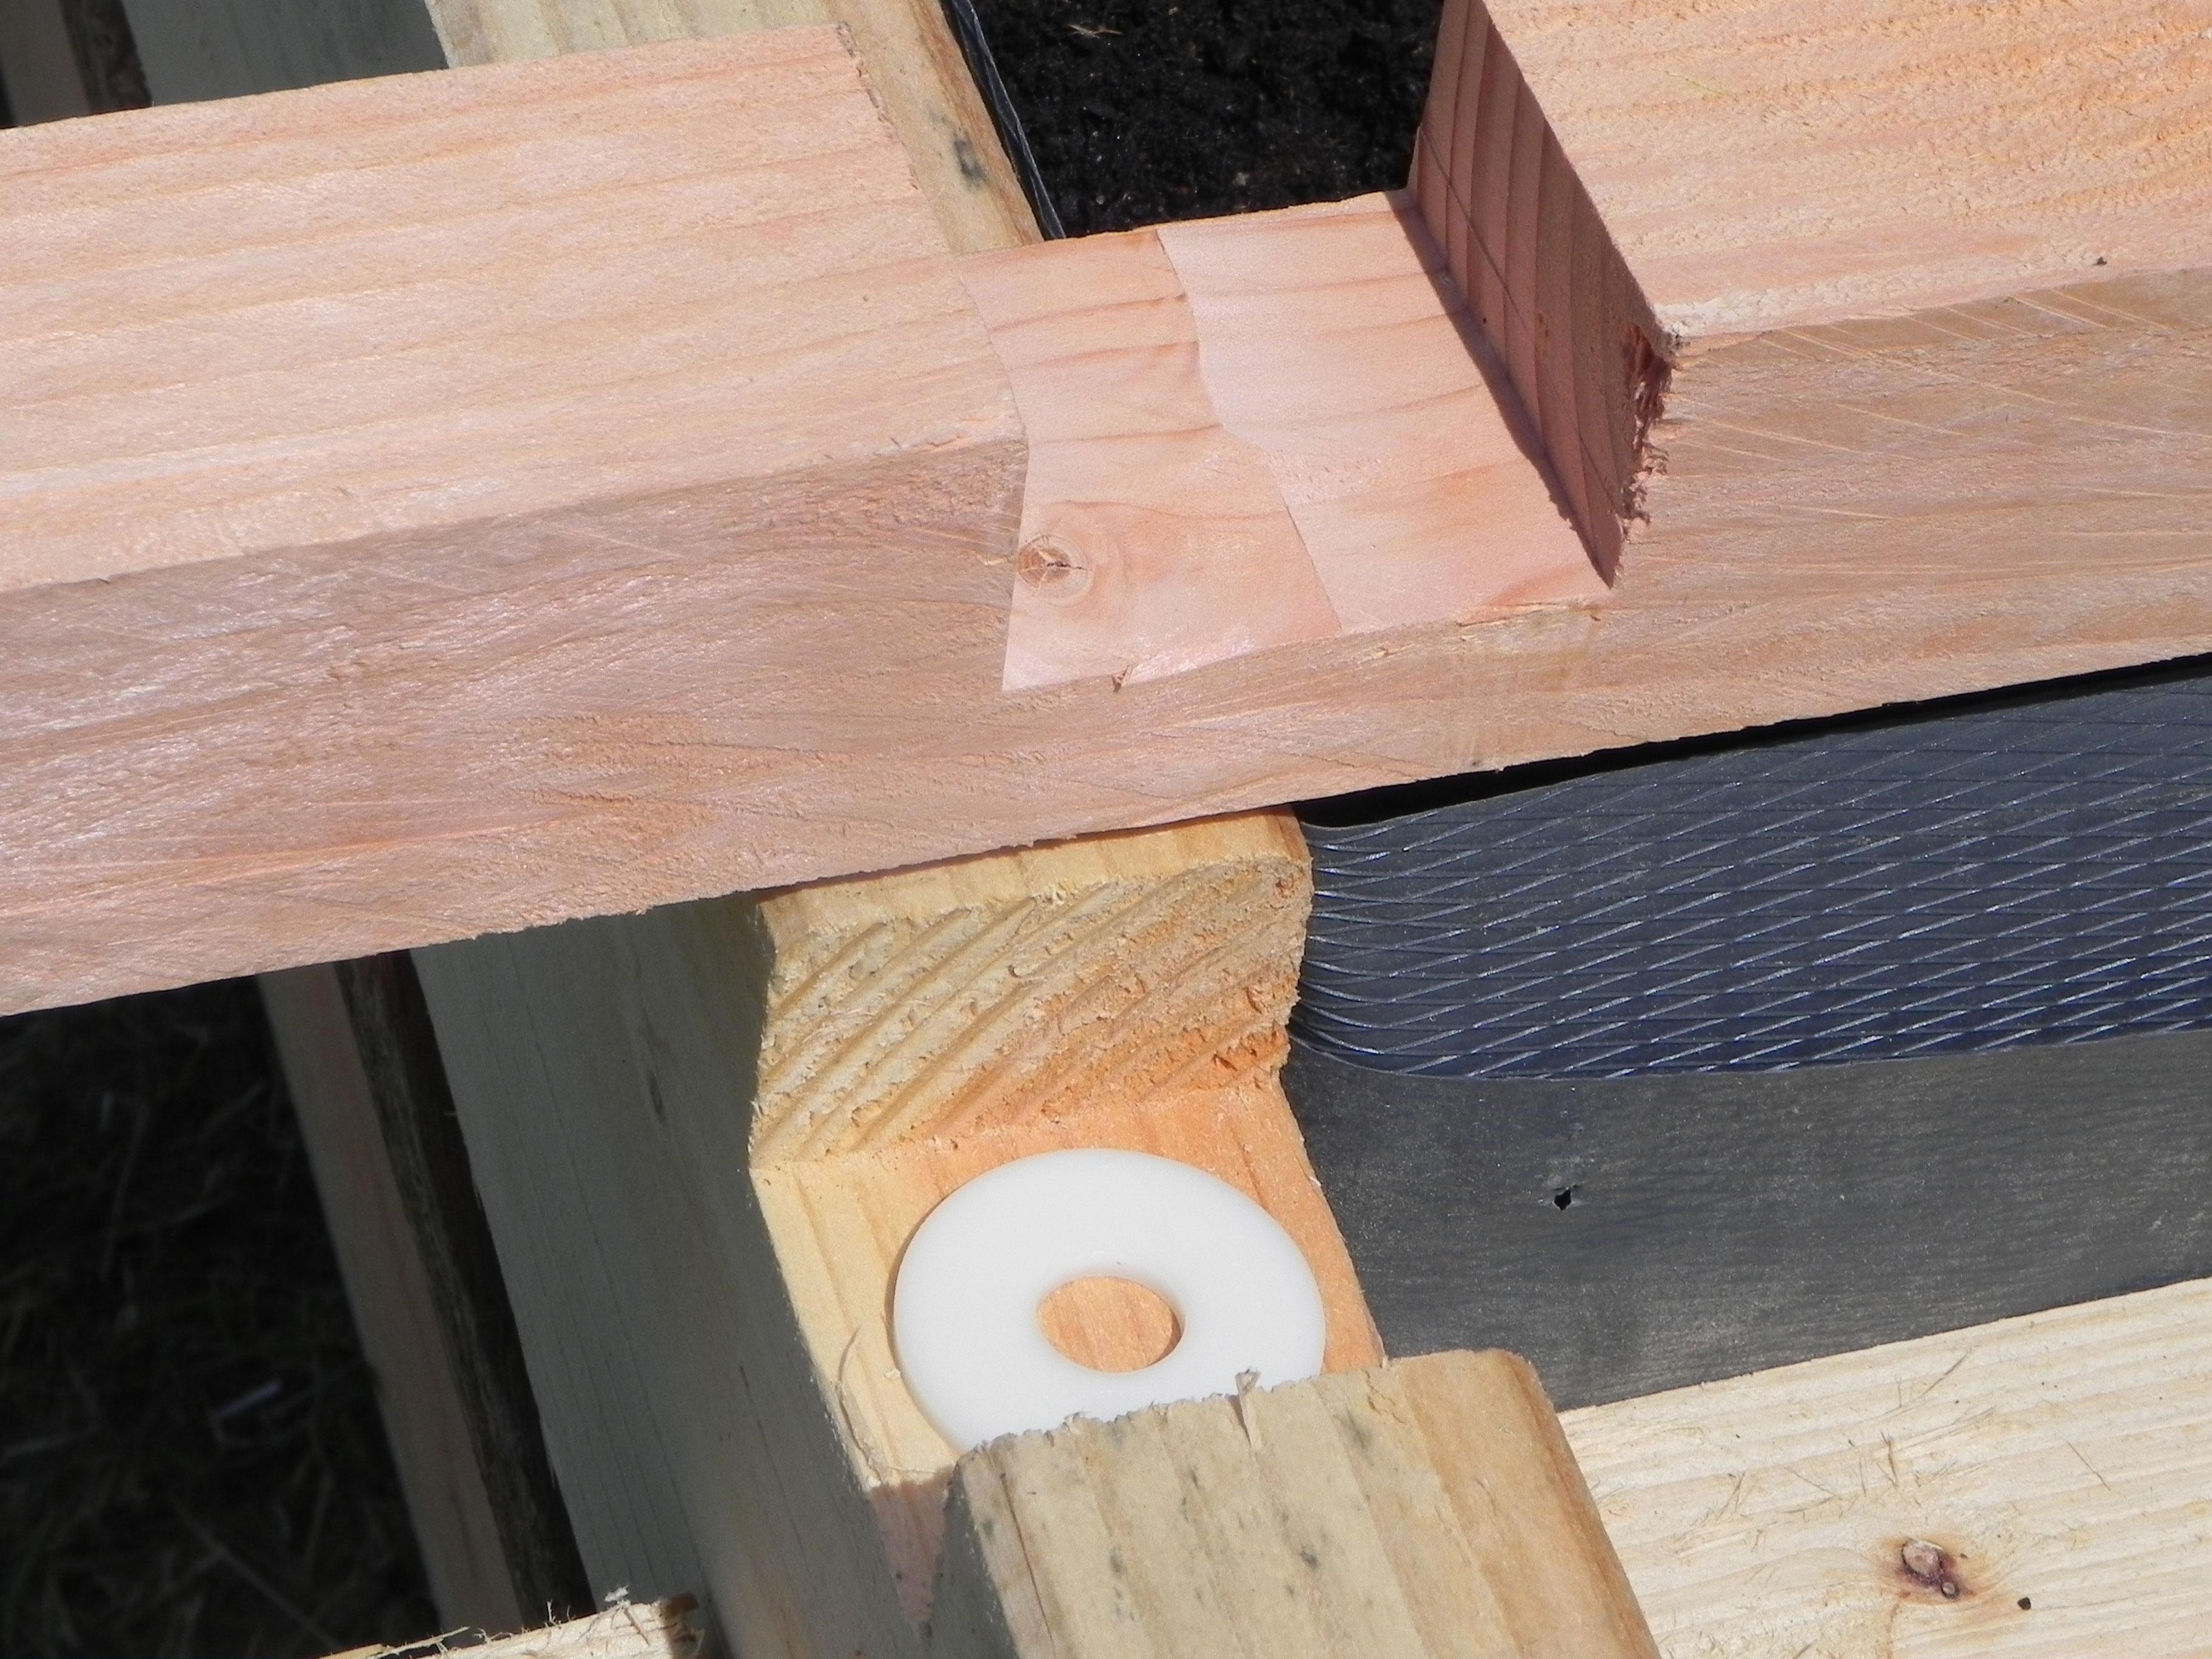 hochbeet hochbeet bausatz hochbeet selber bauen hochbeete fischer. Black Bedroom Furniture Sets. Home Design Ideas